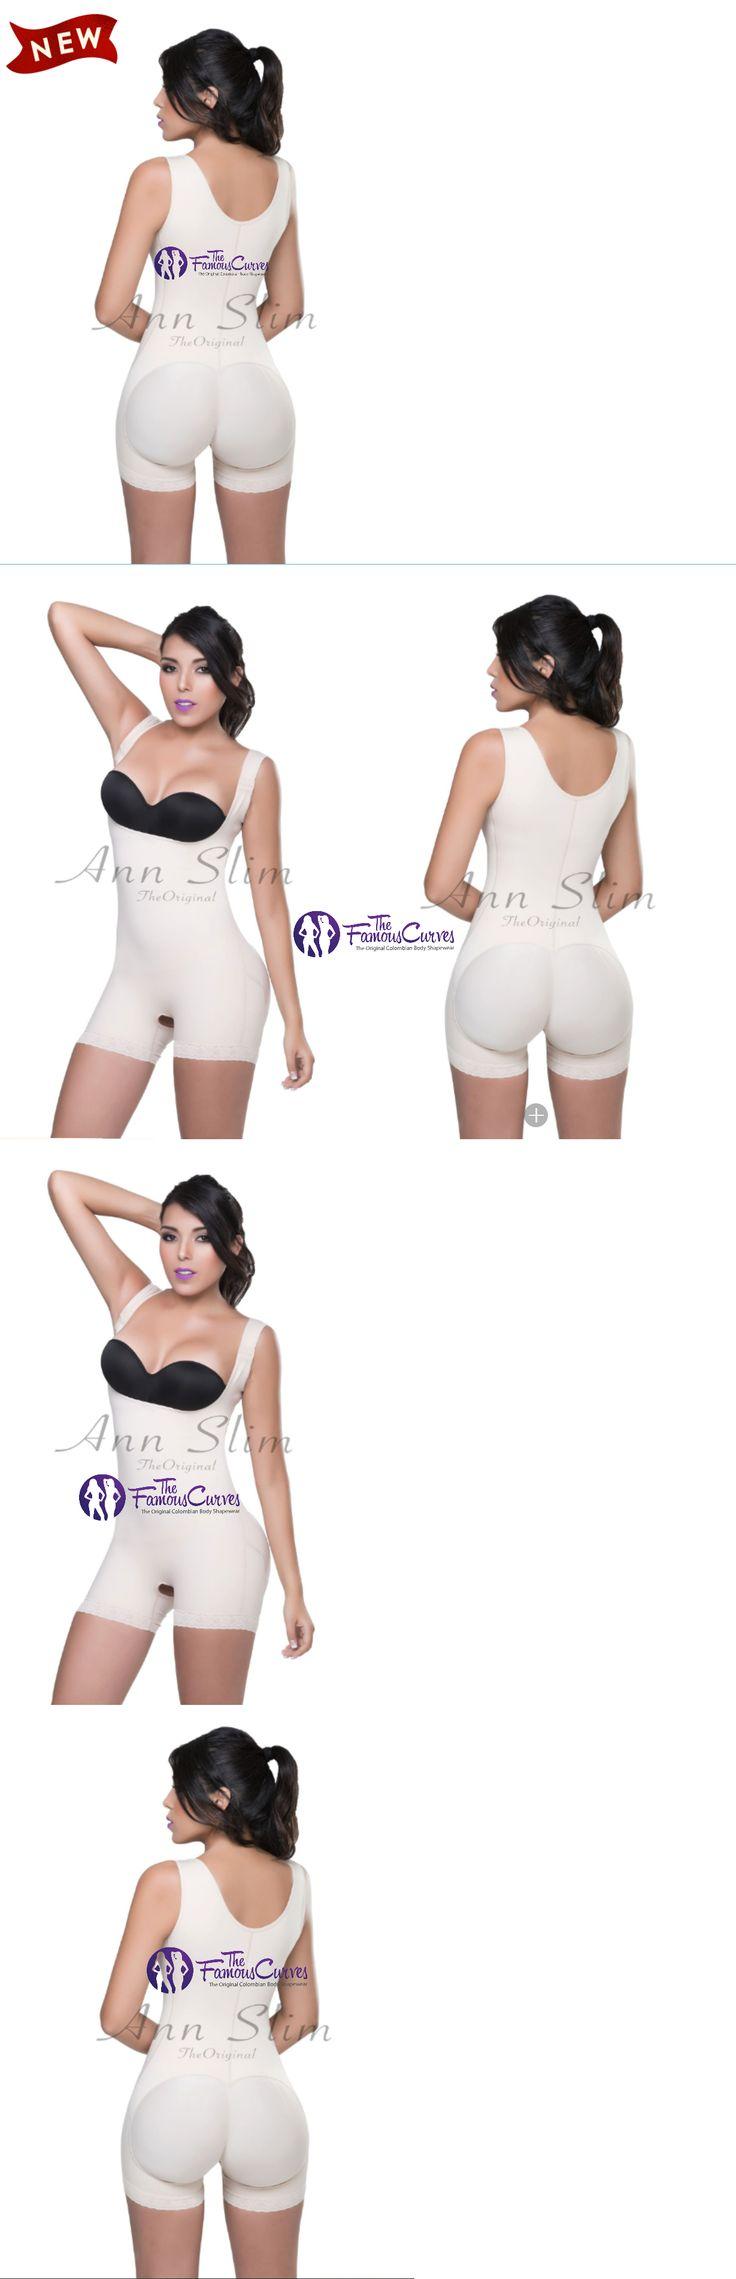 Women Shapewear: Fajas Fajate Women S Shape Your Body Fajas Colombianas Reductora Levanta Cola As -> BUY IT NOW ONLY: $37.99 on eBay!